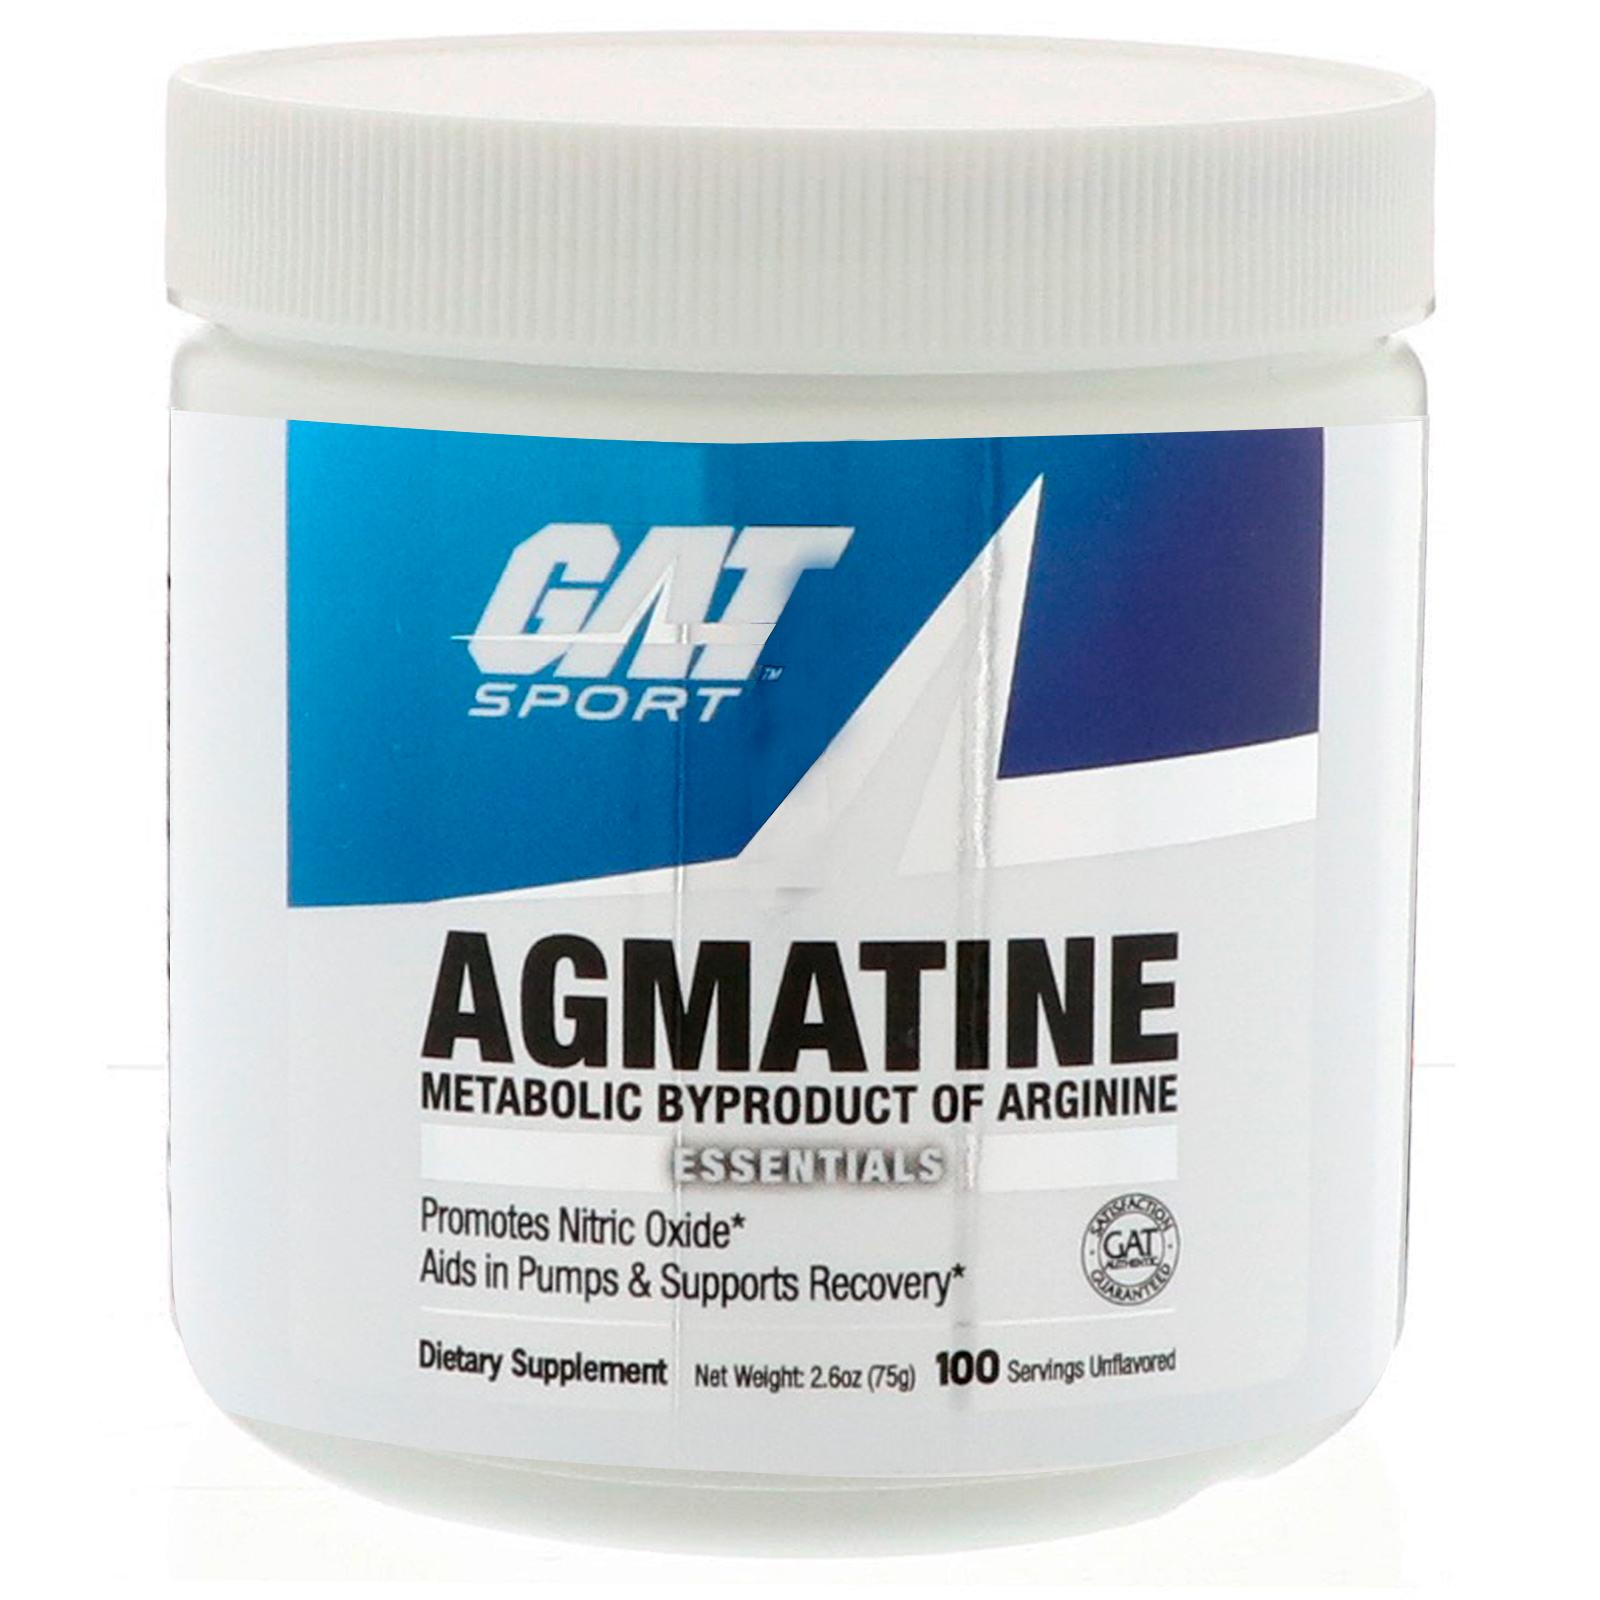 GAT, Essentials、アグマチン、フレーバー無パウダー、2.6 oz (75 g)